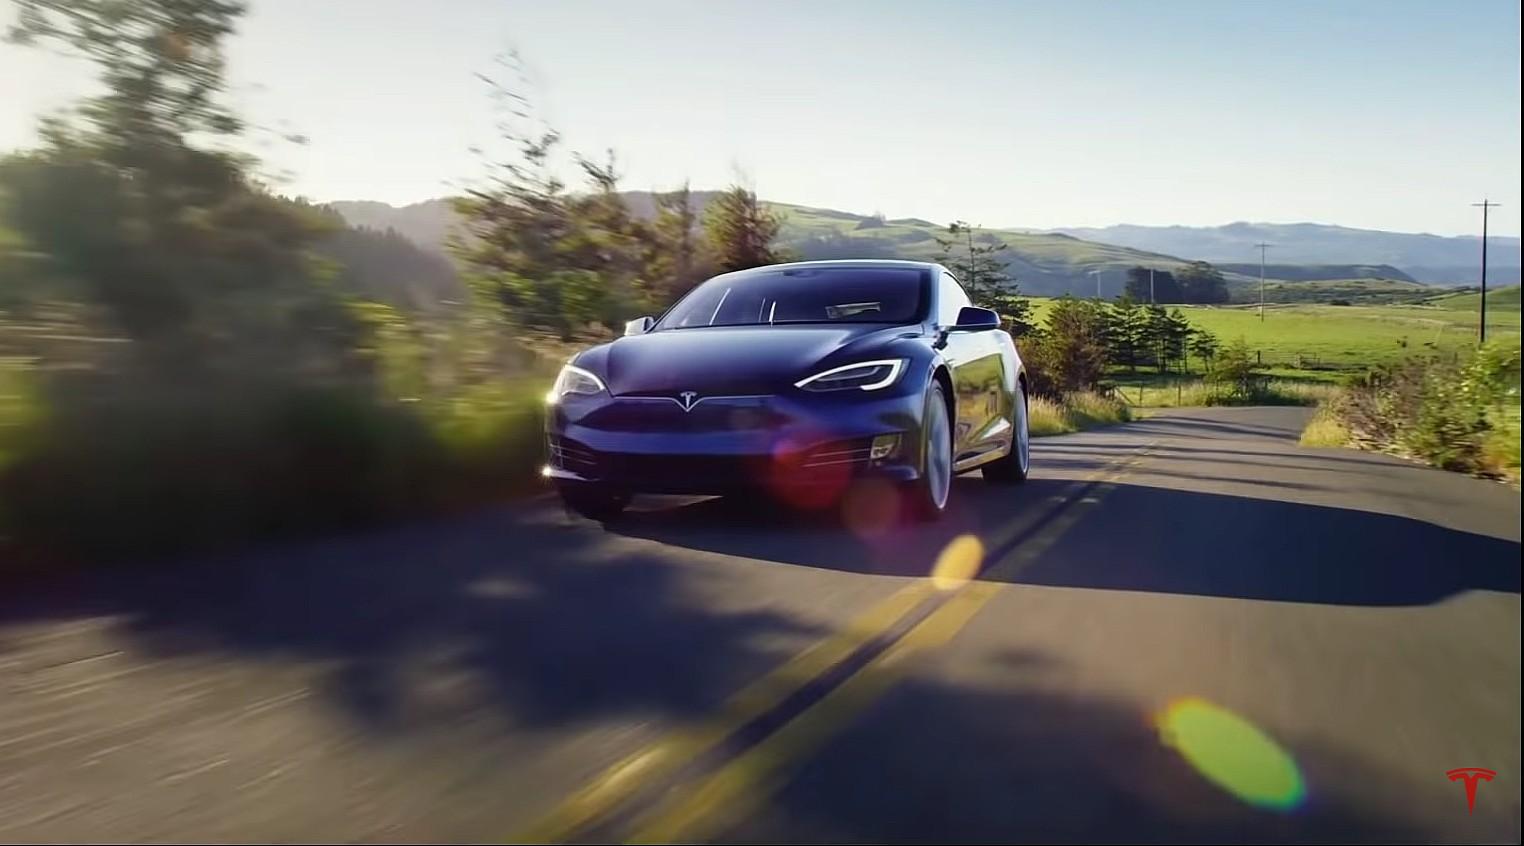 Tesla возглавляет исследование JD Power для глубокой эмоциональной связи с покупателями